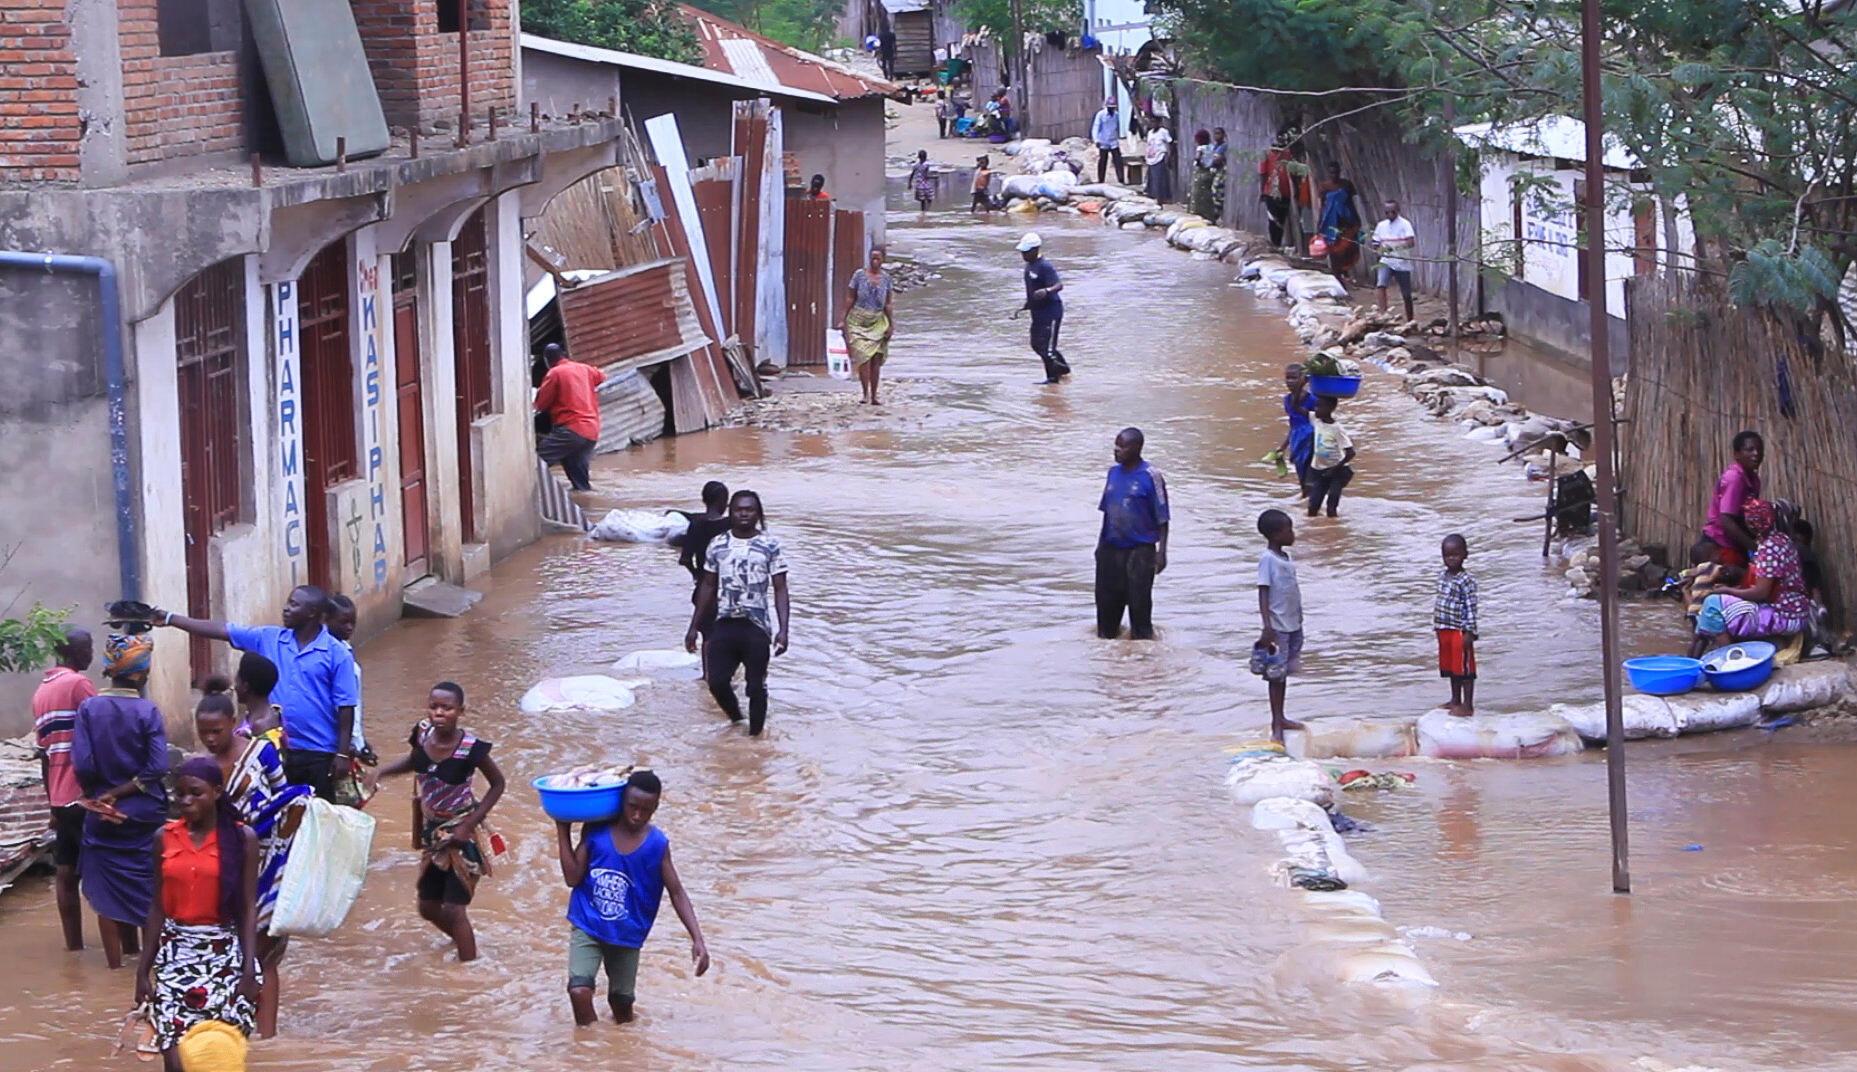 La ville d'Uvira, dans le Sud-Kivu, sous les eaux, en RDC, avril 2020.